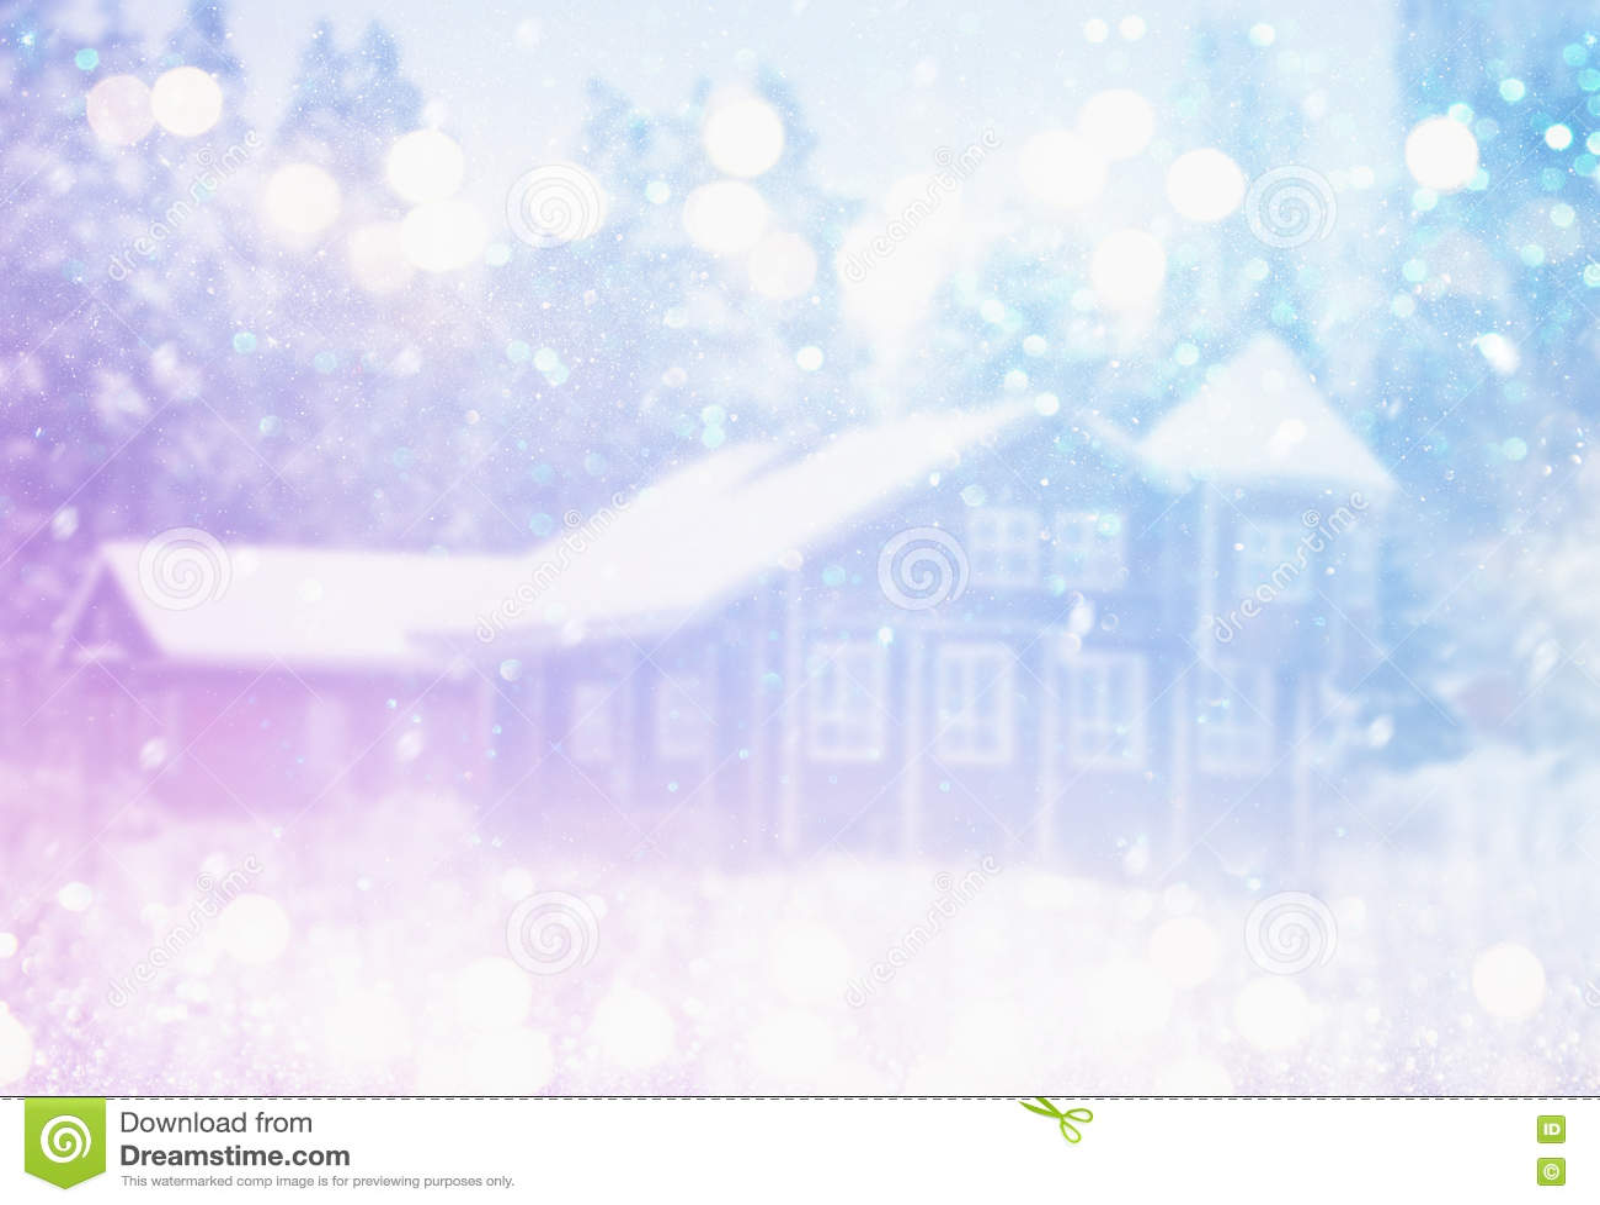 Ονειροπόλος και αφηρημένη μαγική φωτογραφία χειμερινών τοπίων